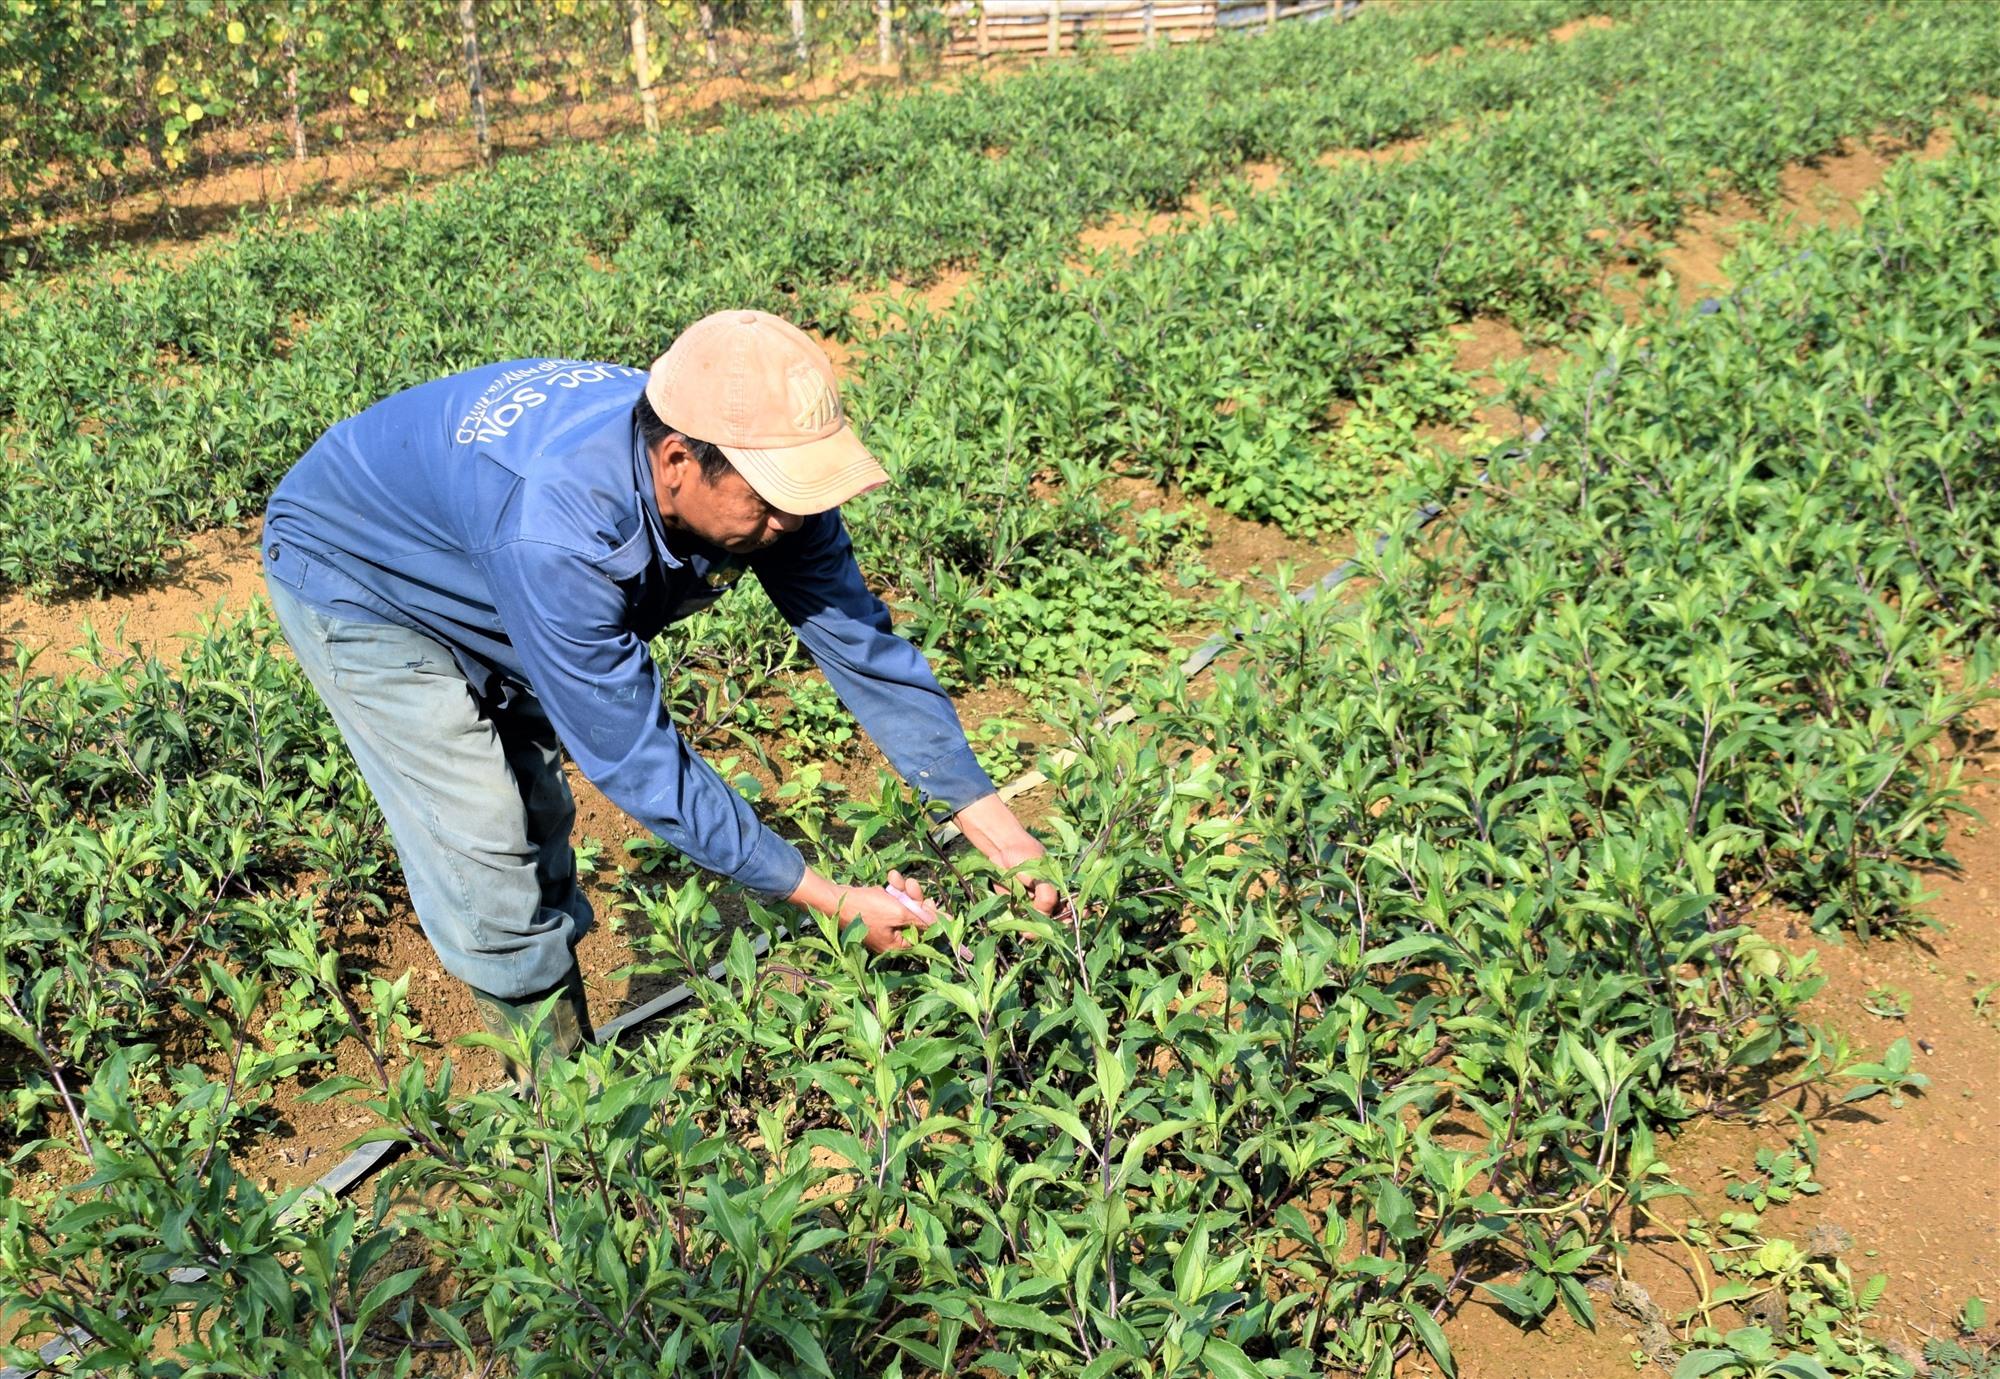 Người dân huyện Phước Sơn di thực rau lủi về trồng trong vườn nhà. Ảnh: HOÀI AN